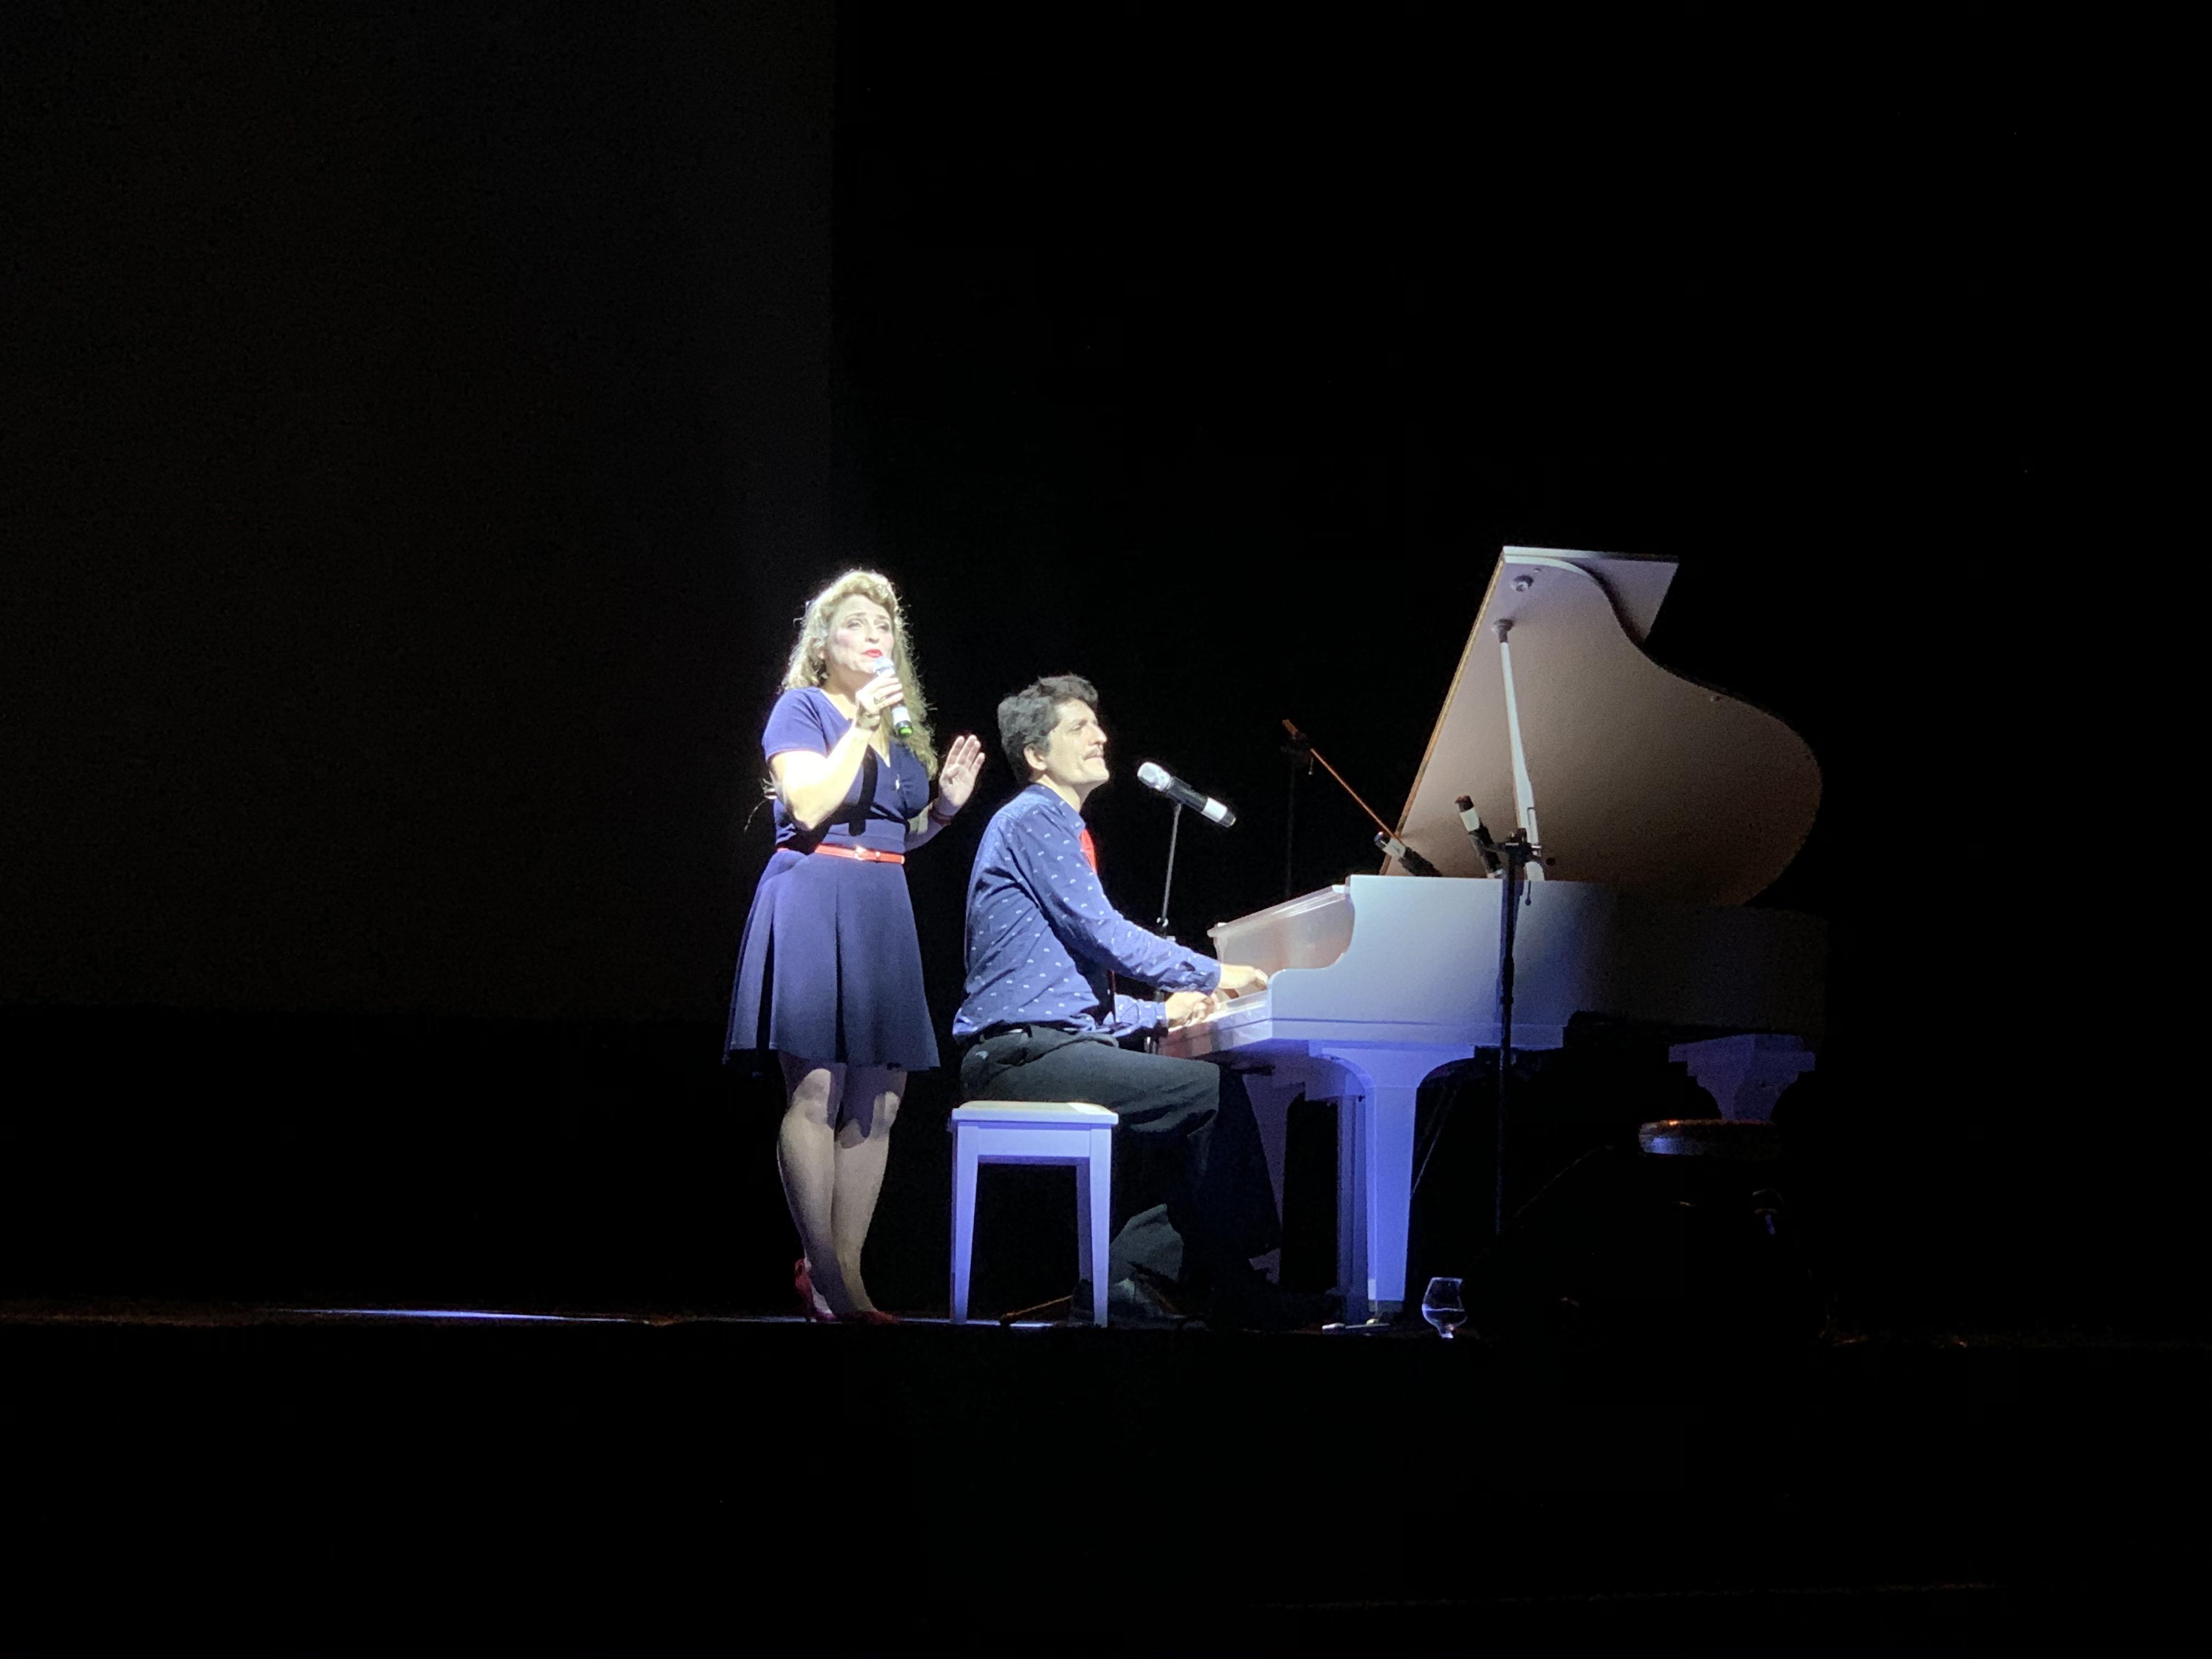 В Ташкенте состоялся французский музыкальный спектакль « J'ai mangé du Jacques»